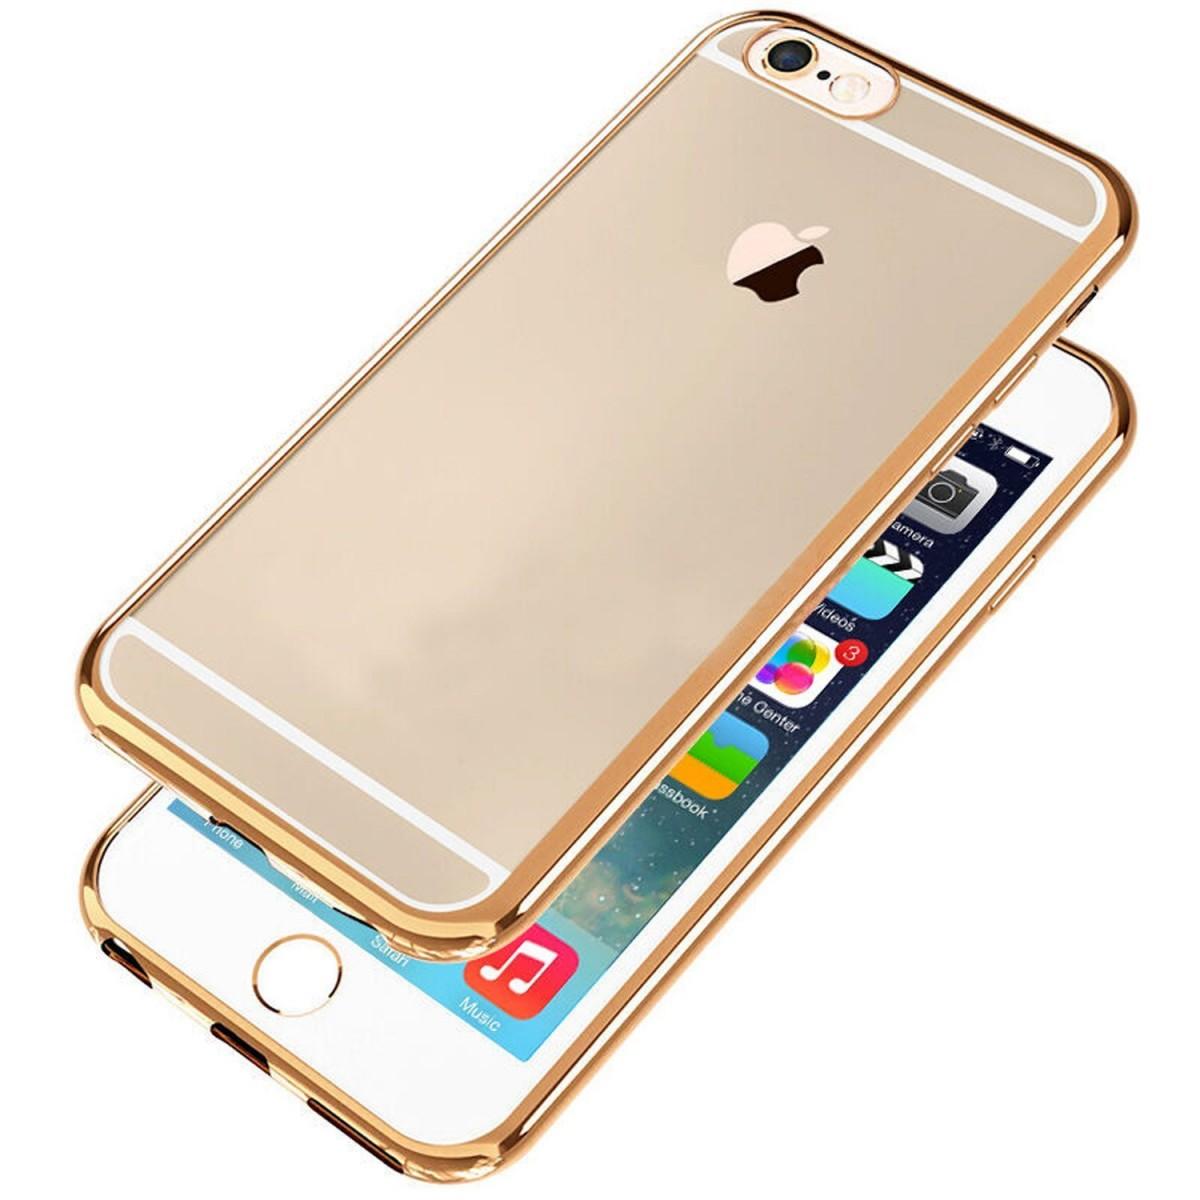 Elegantní obal / kryt RING pro iPhone 6s / 6 Plus (gold)